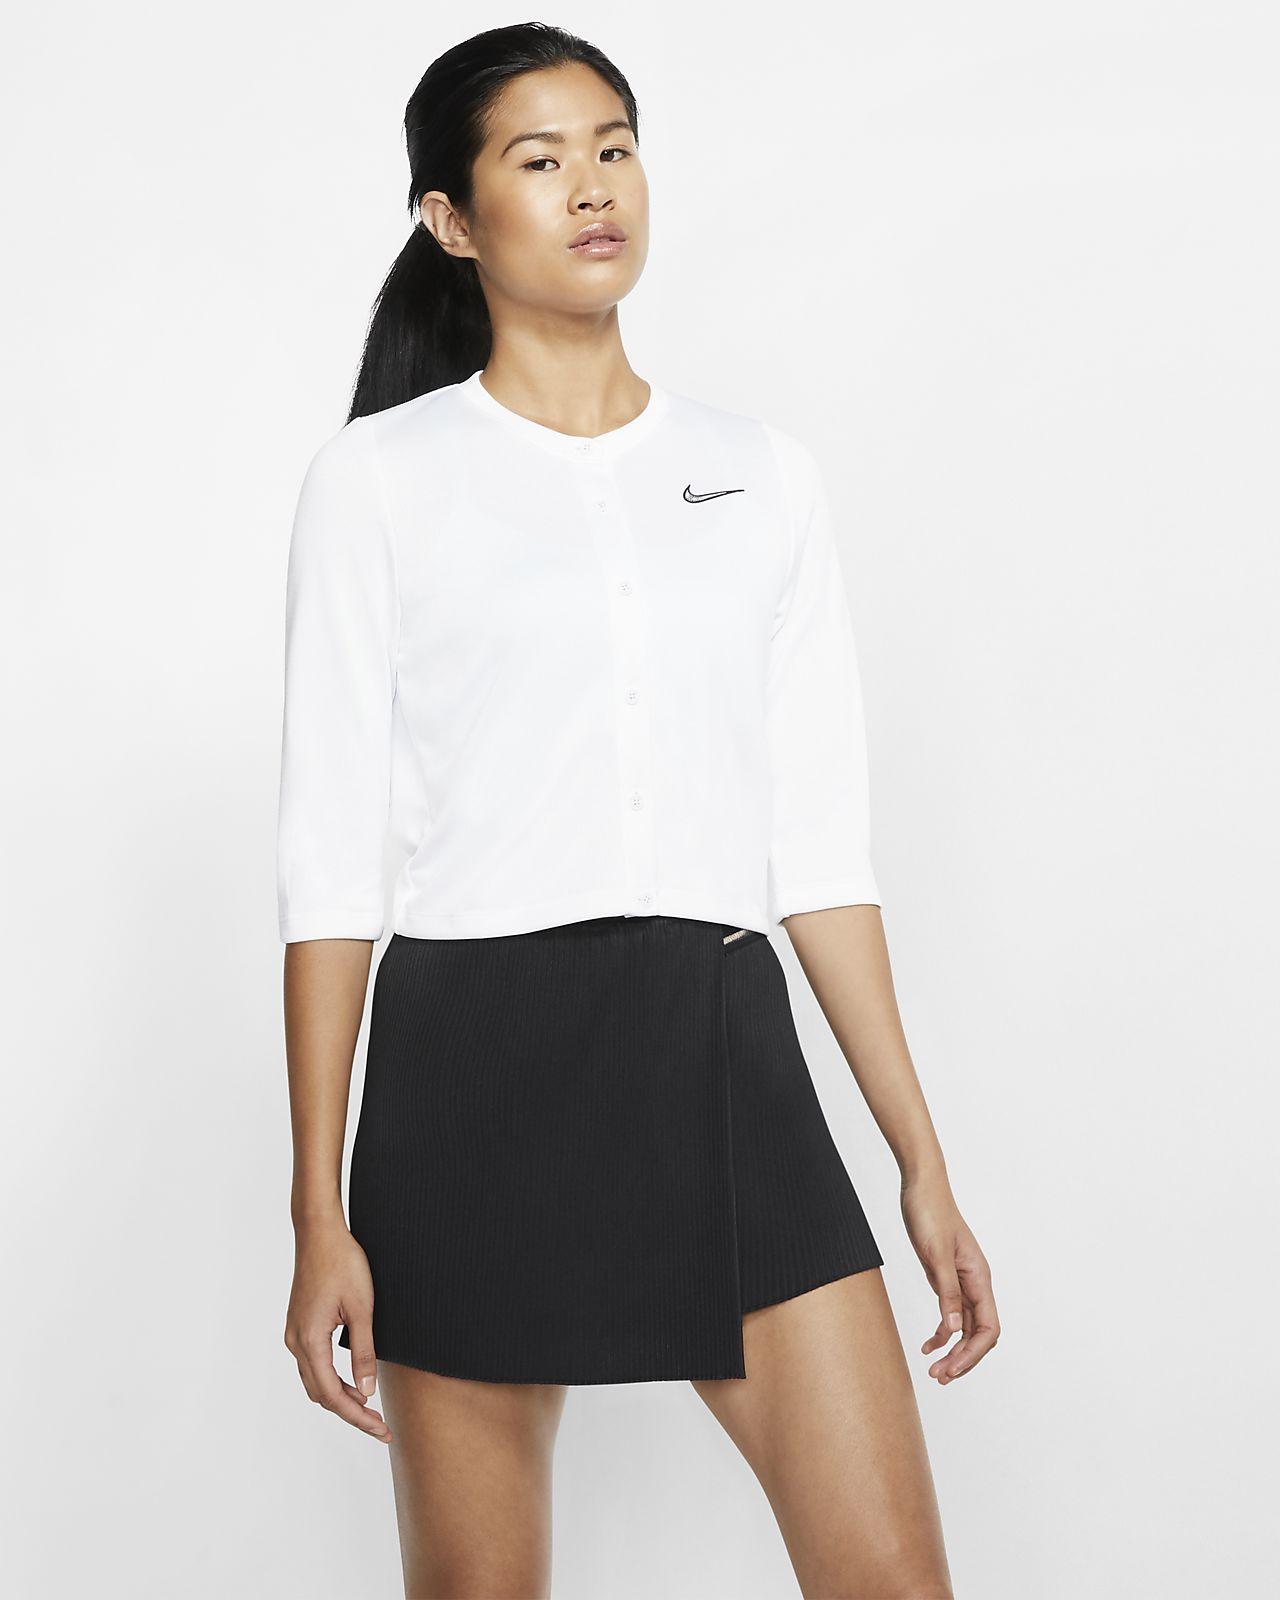 NikeCourt Kapüşonlu Kadın Tenis Hırkası